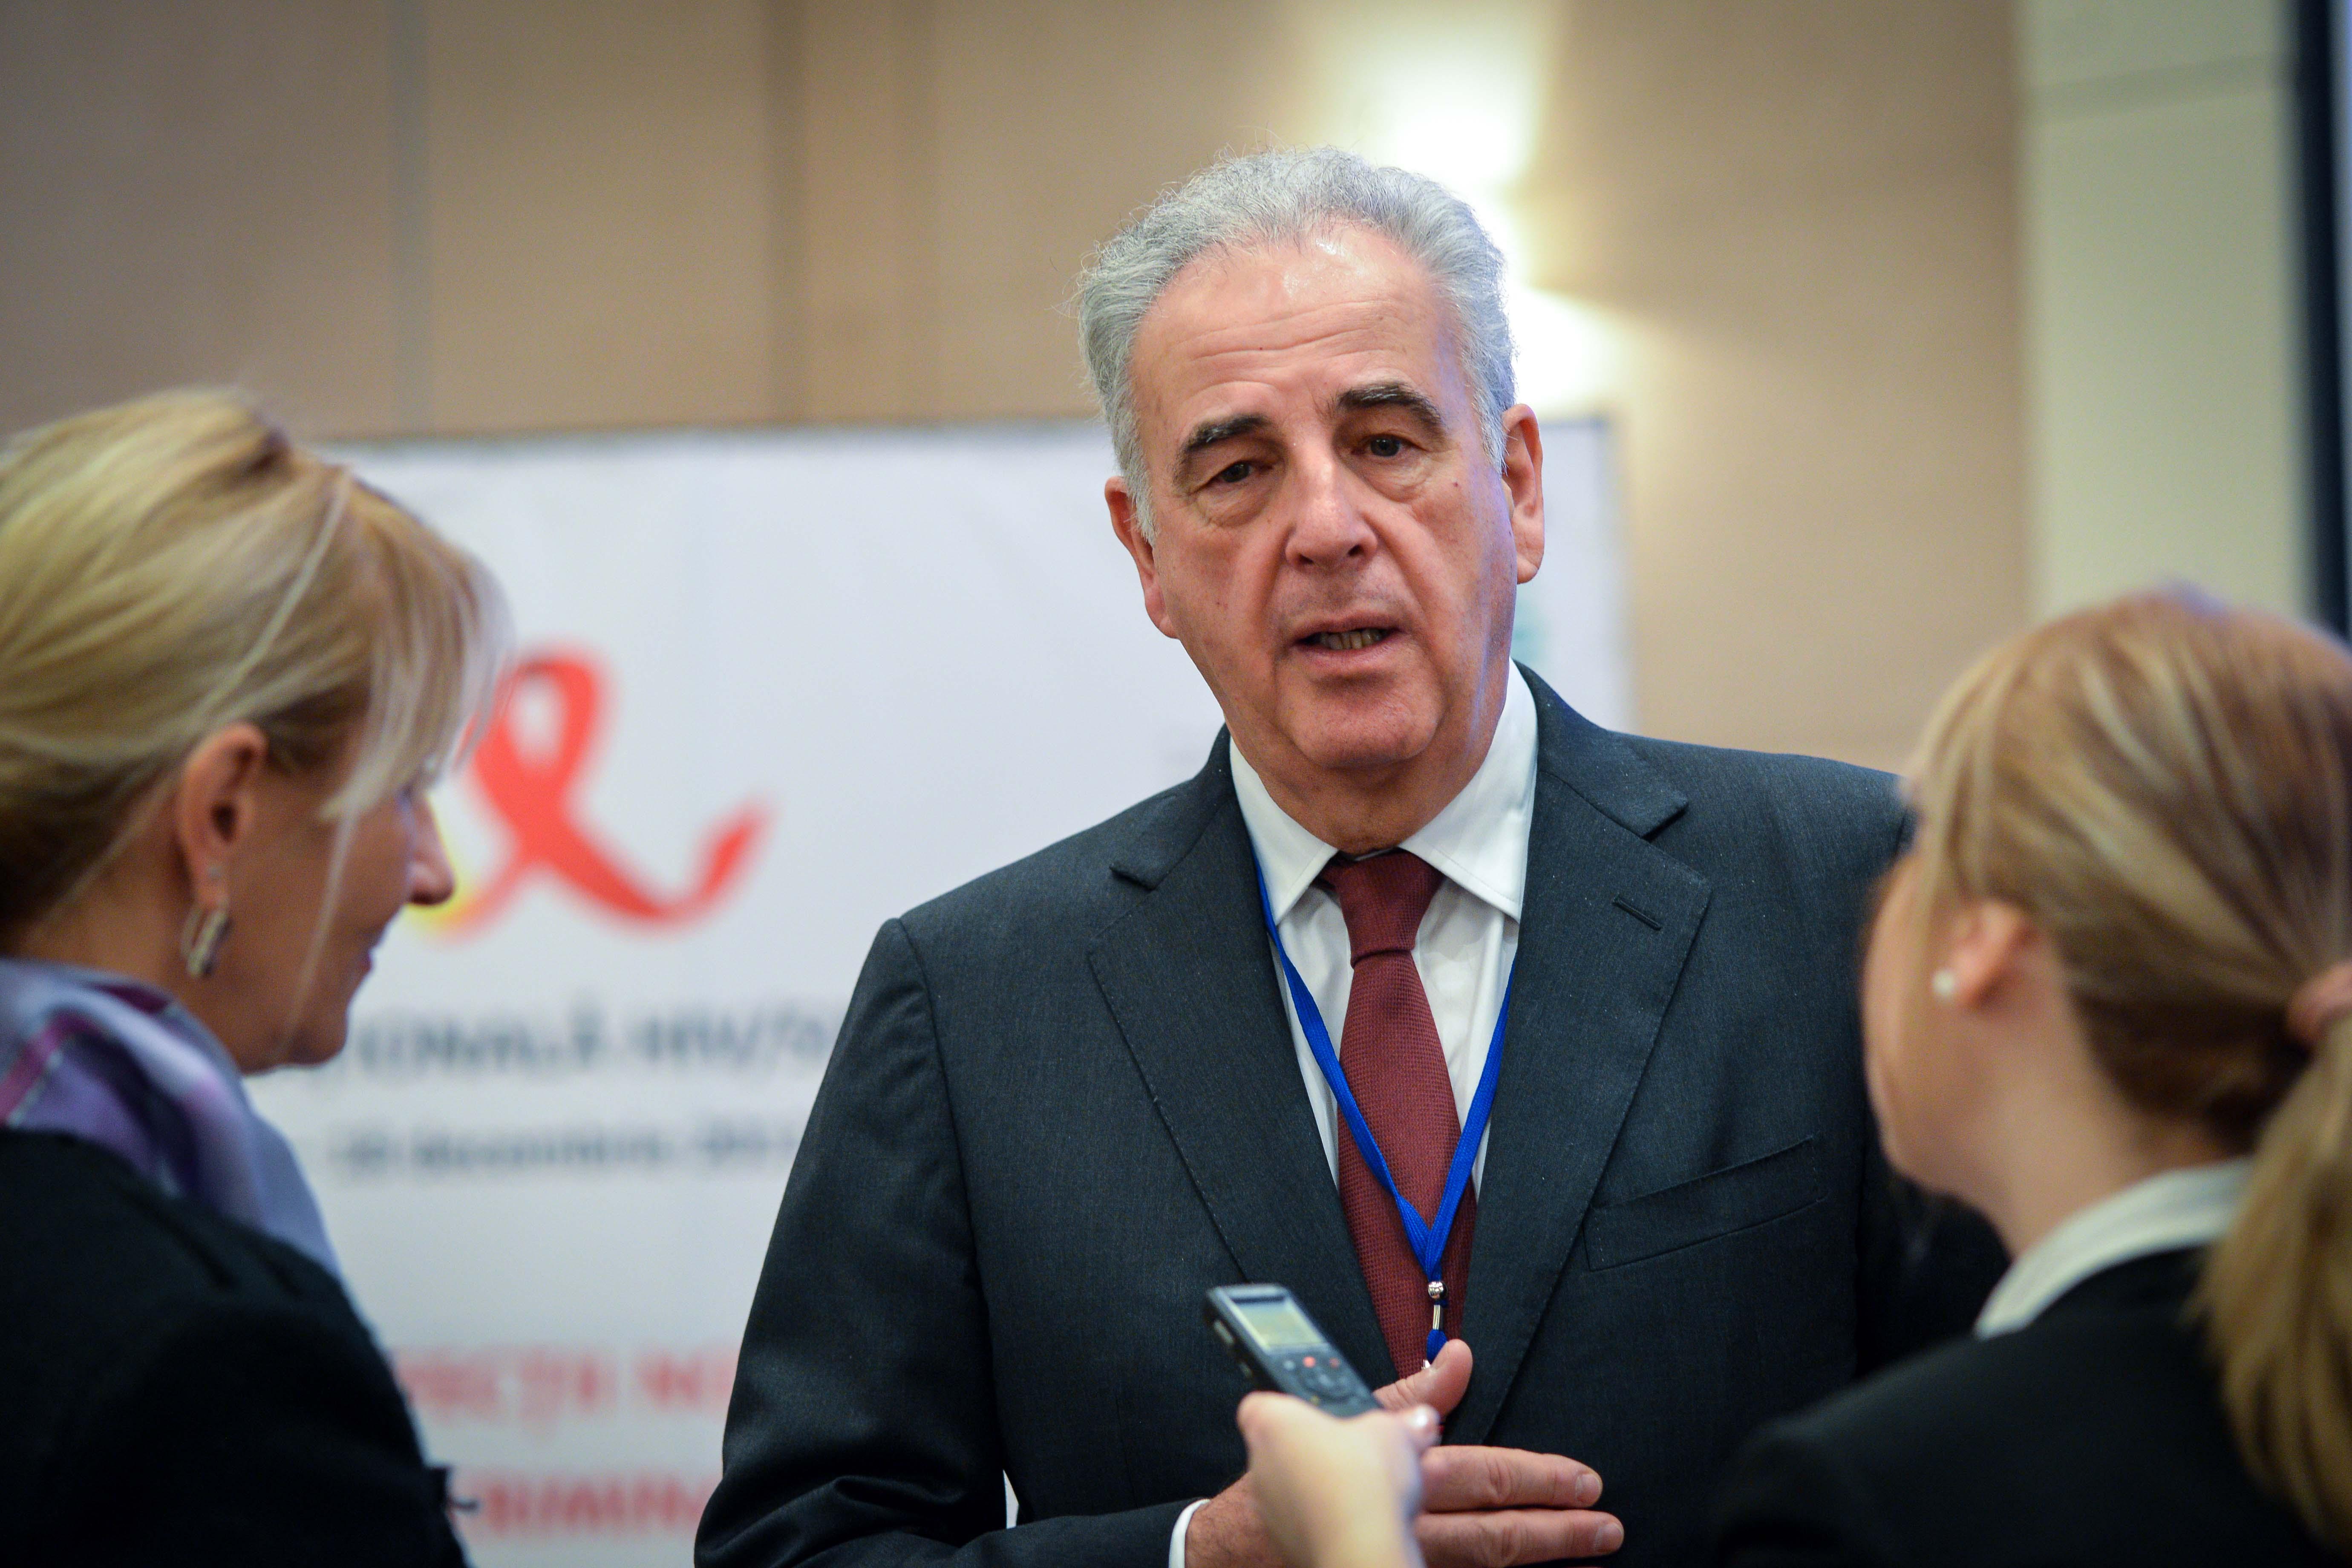 Вжурнале The Lancet вышла подборка эссе ороссийском здравоохранении